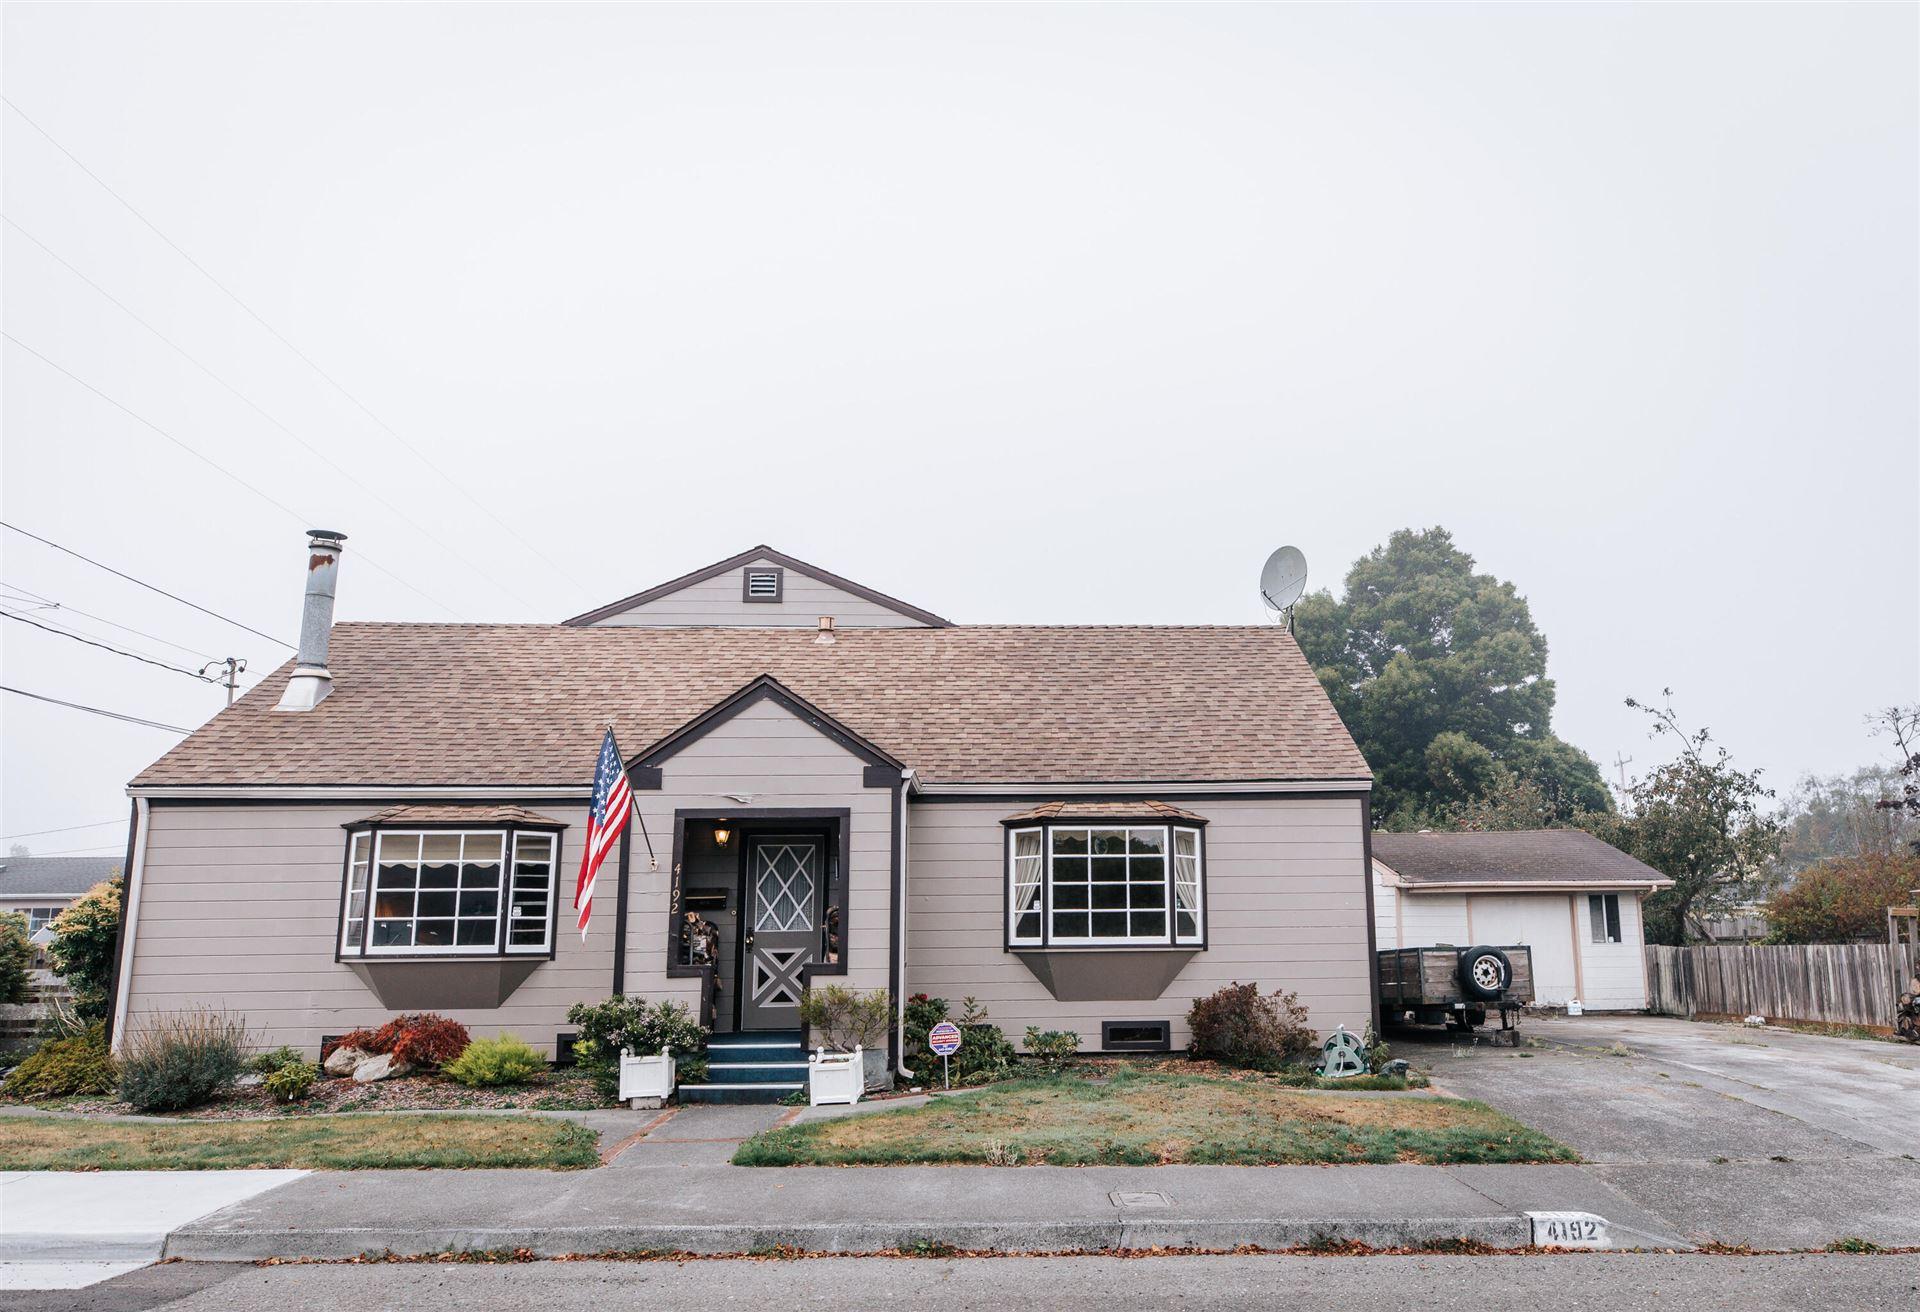 4192 E Street, Eureka, CA 95503 - MLS#: 260267